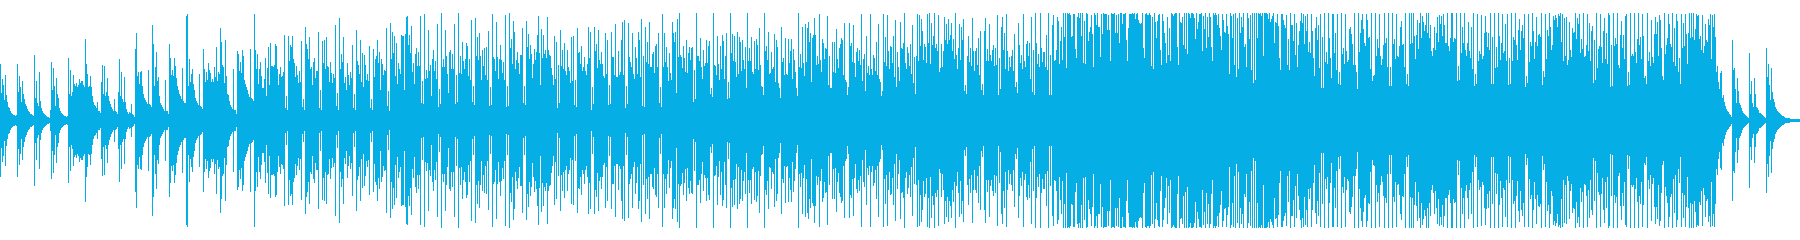 物語の始まりの想起ジャズ・フュージョンの再生済みの波形